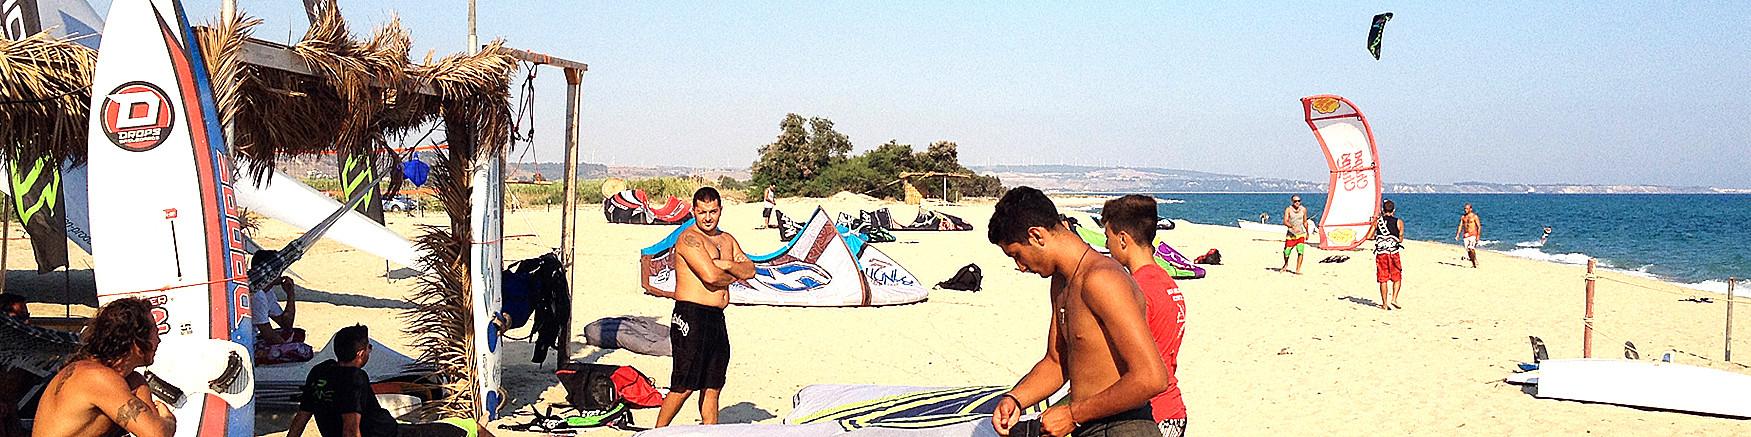 Belcastro Marina, ideální pláž pro kite surfing